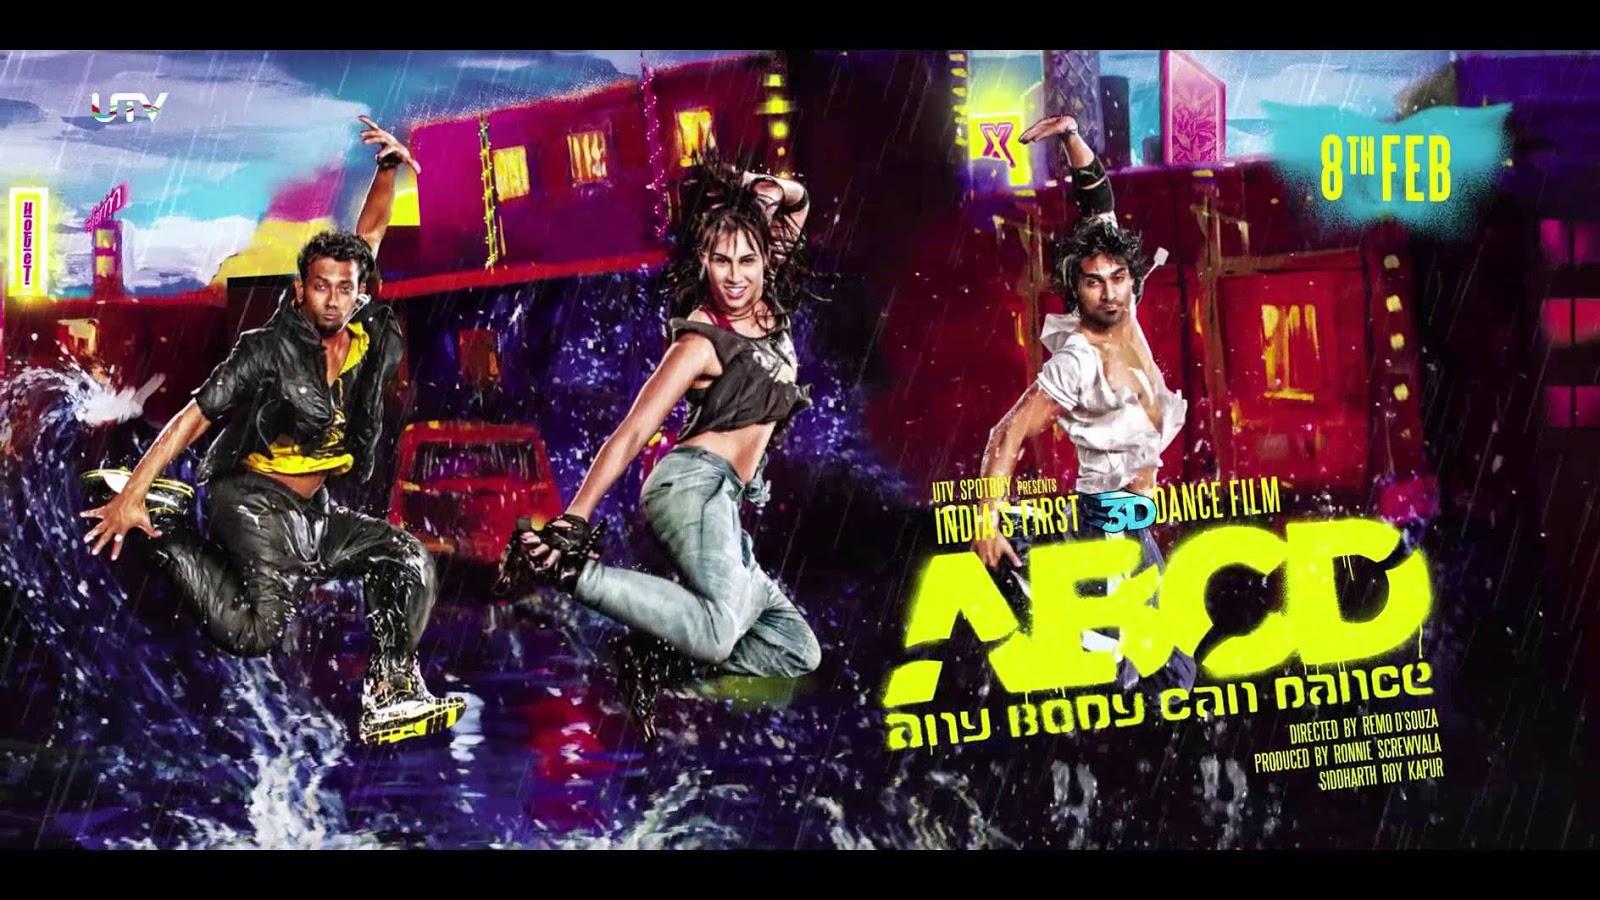 ცეკვა ყველას შეუძლია / ABCD: Any Body Can Dance